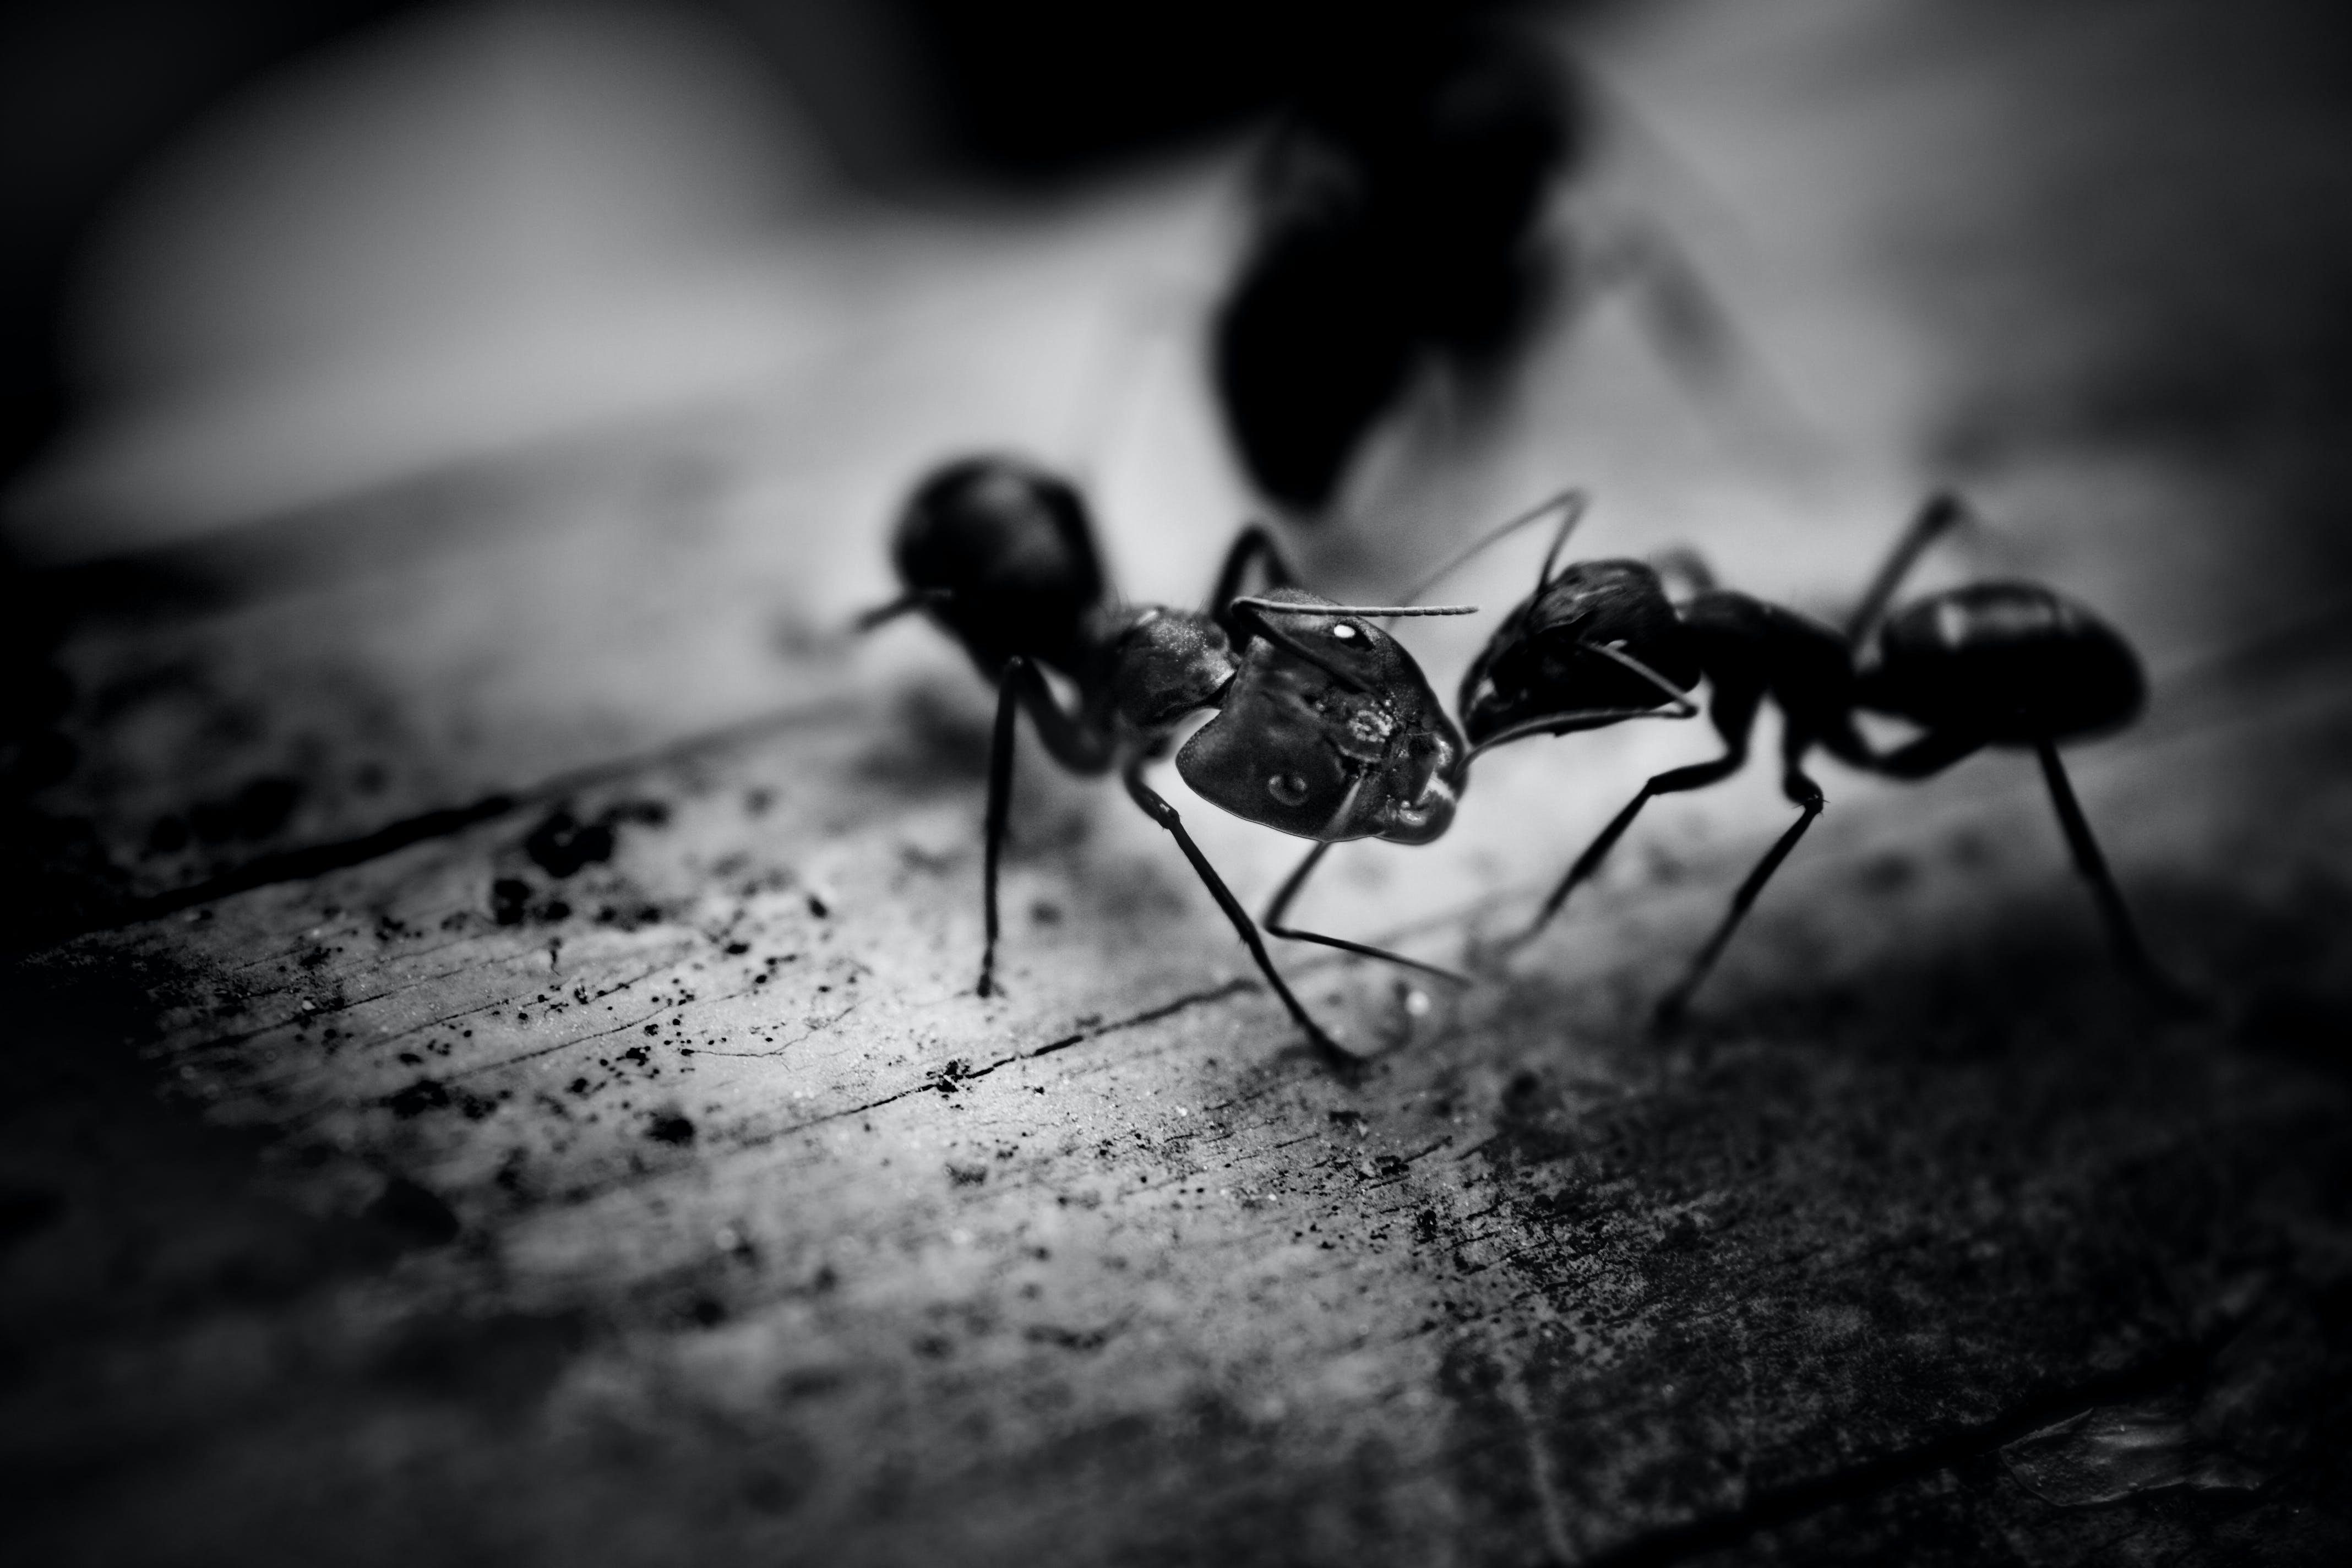 Gratis lagerfoto af insekt, myrer, sort og hvid, sort-hvid